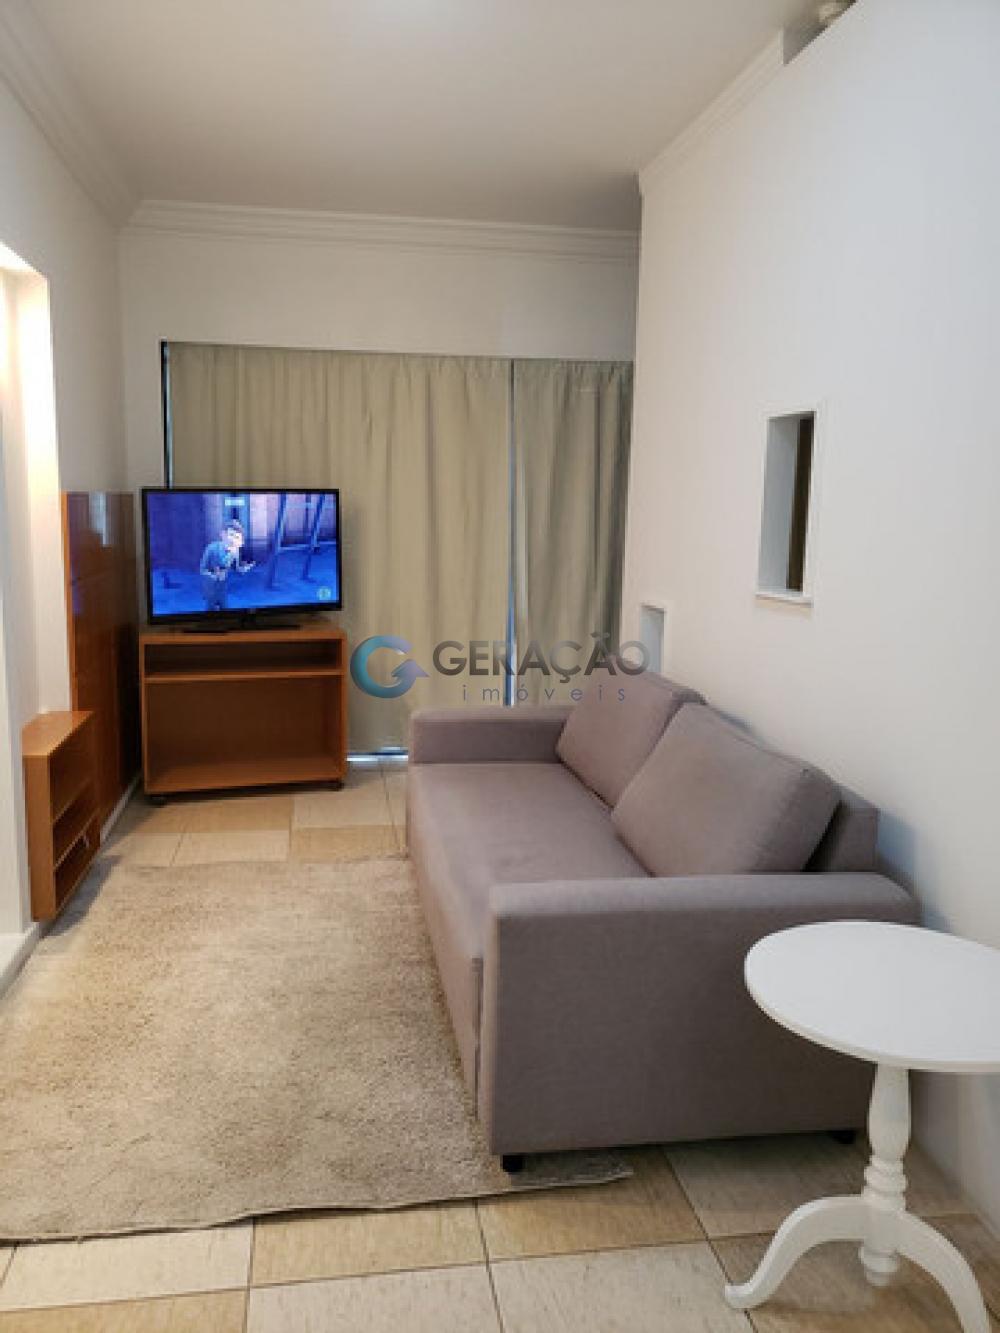 Comprar Apartamento / Flat em São José dos Campos apenas R$ 310.000,00 - Foto 4